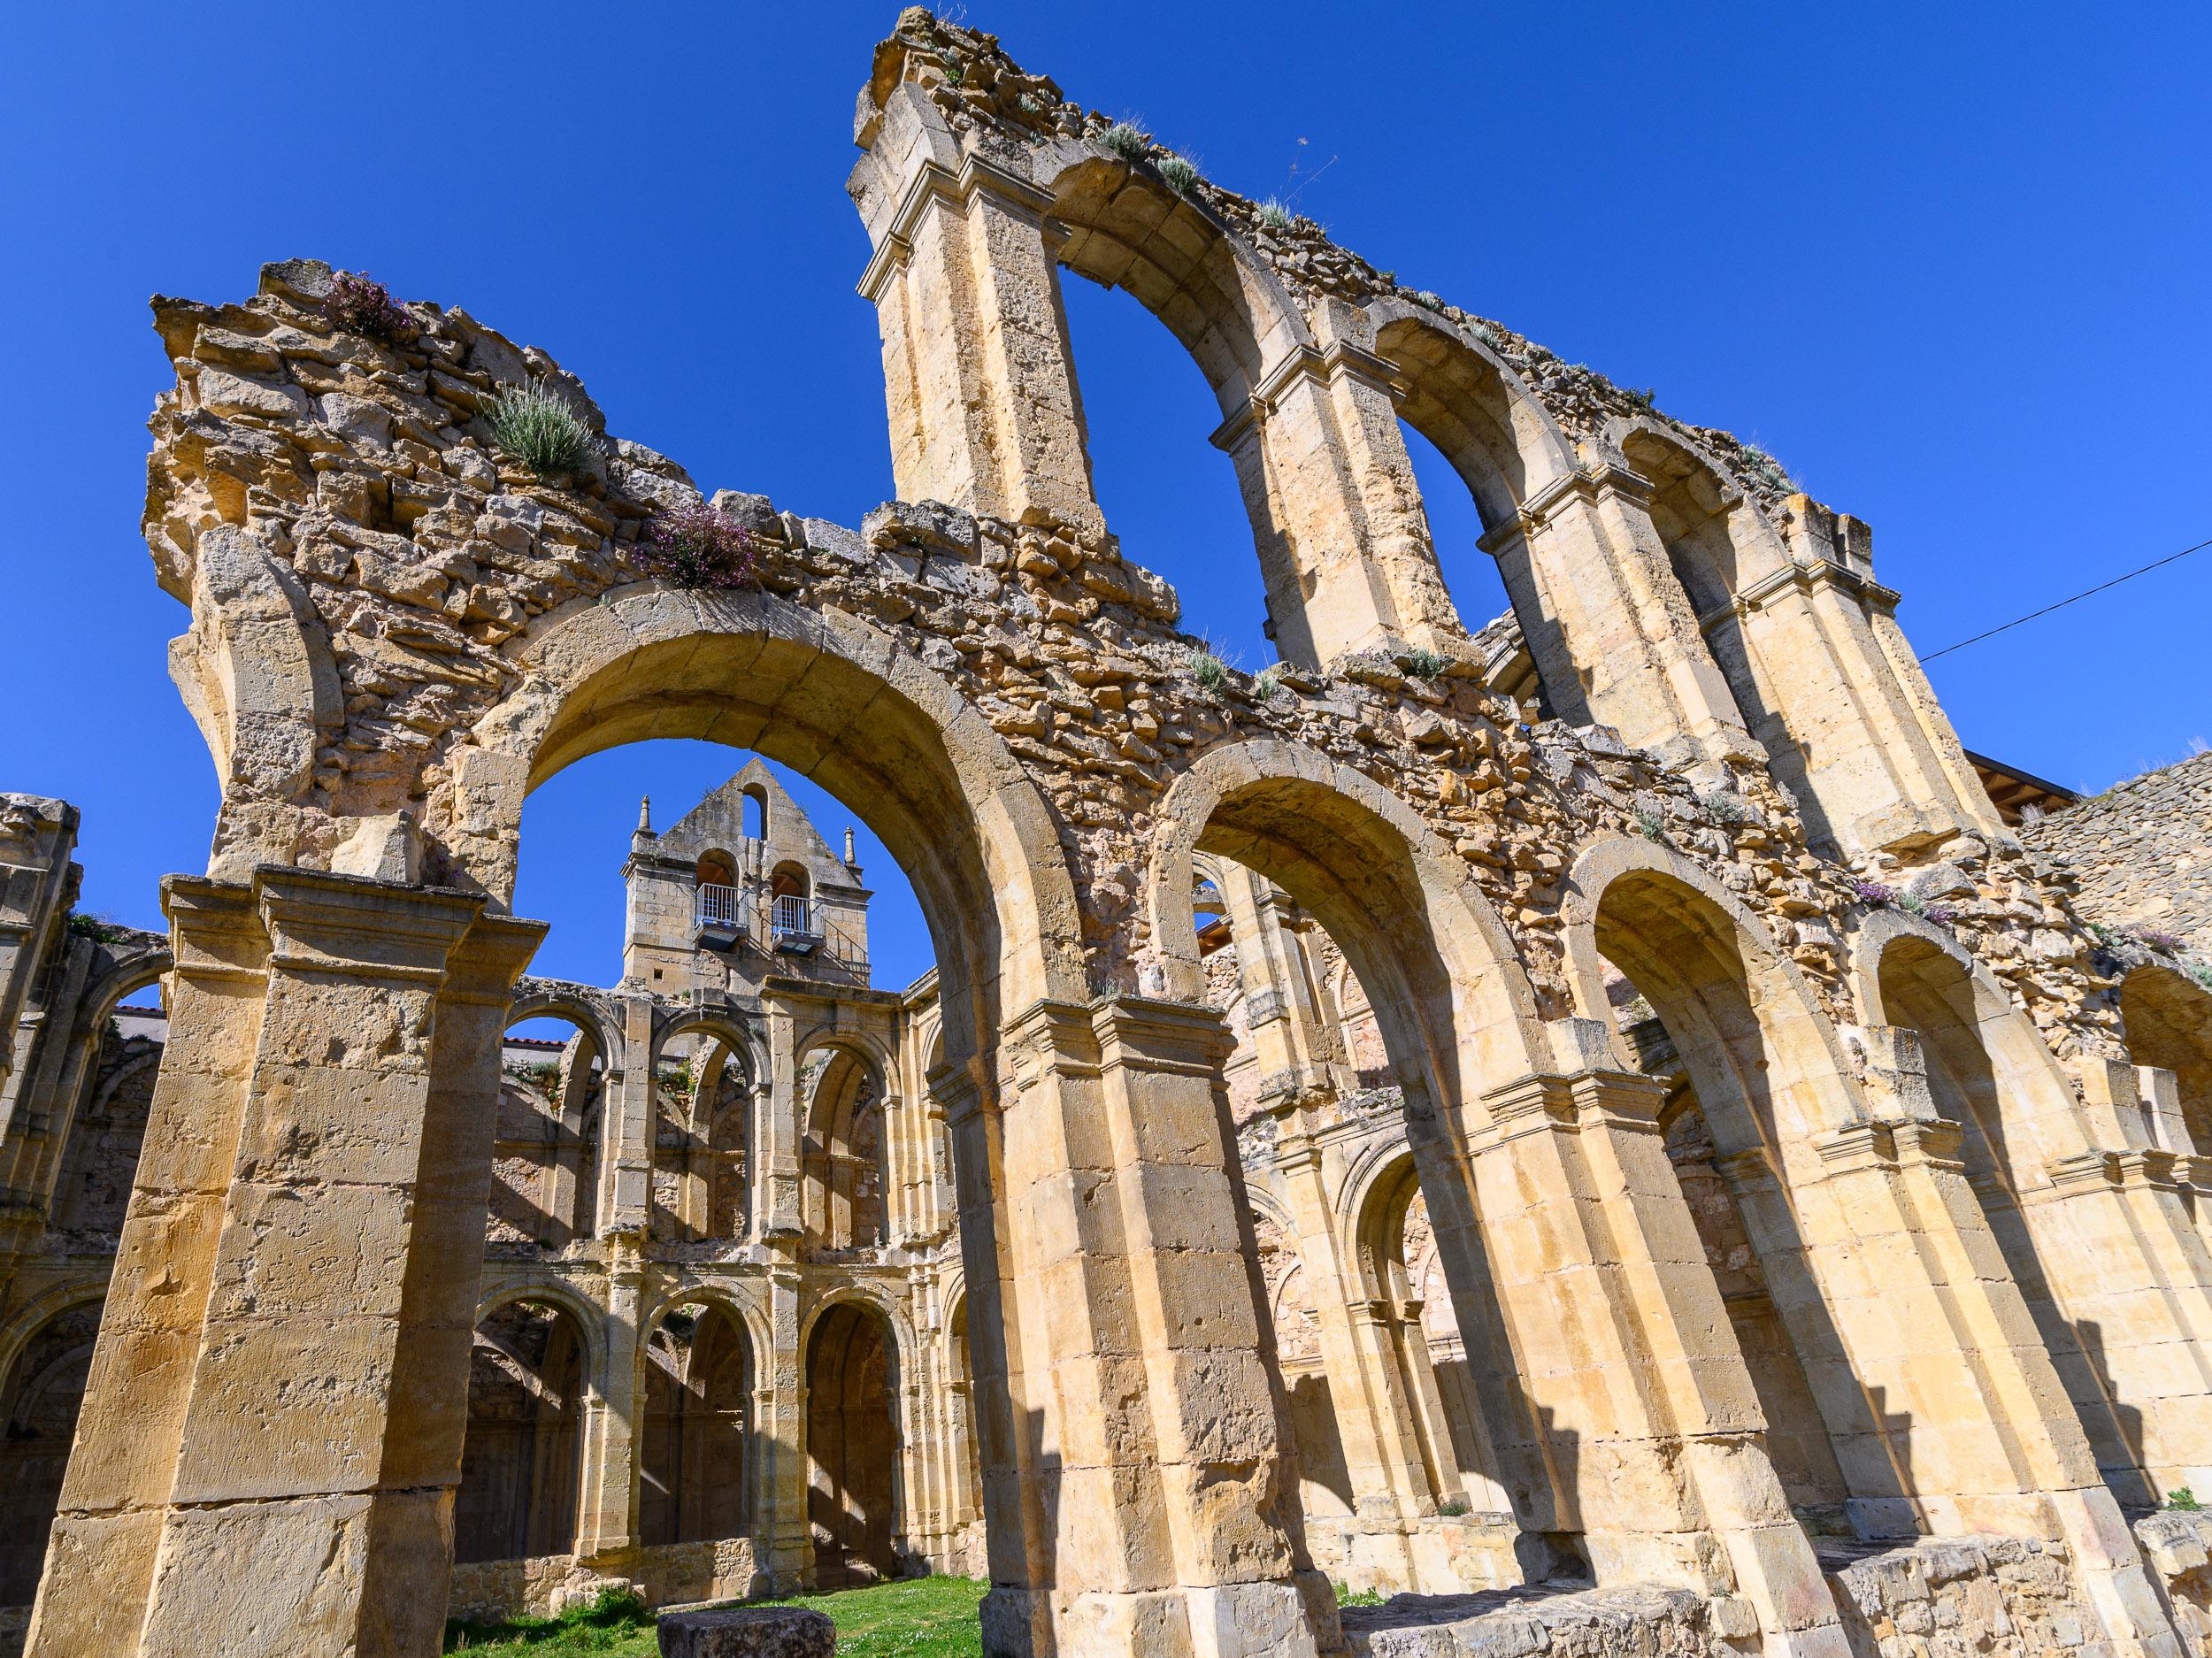 merindades-monasterios-rioseco05.jpg